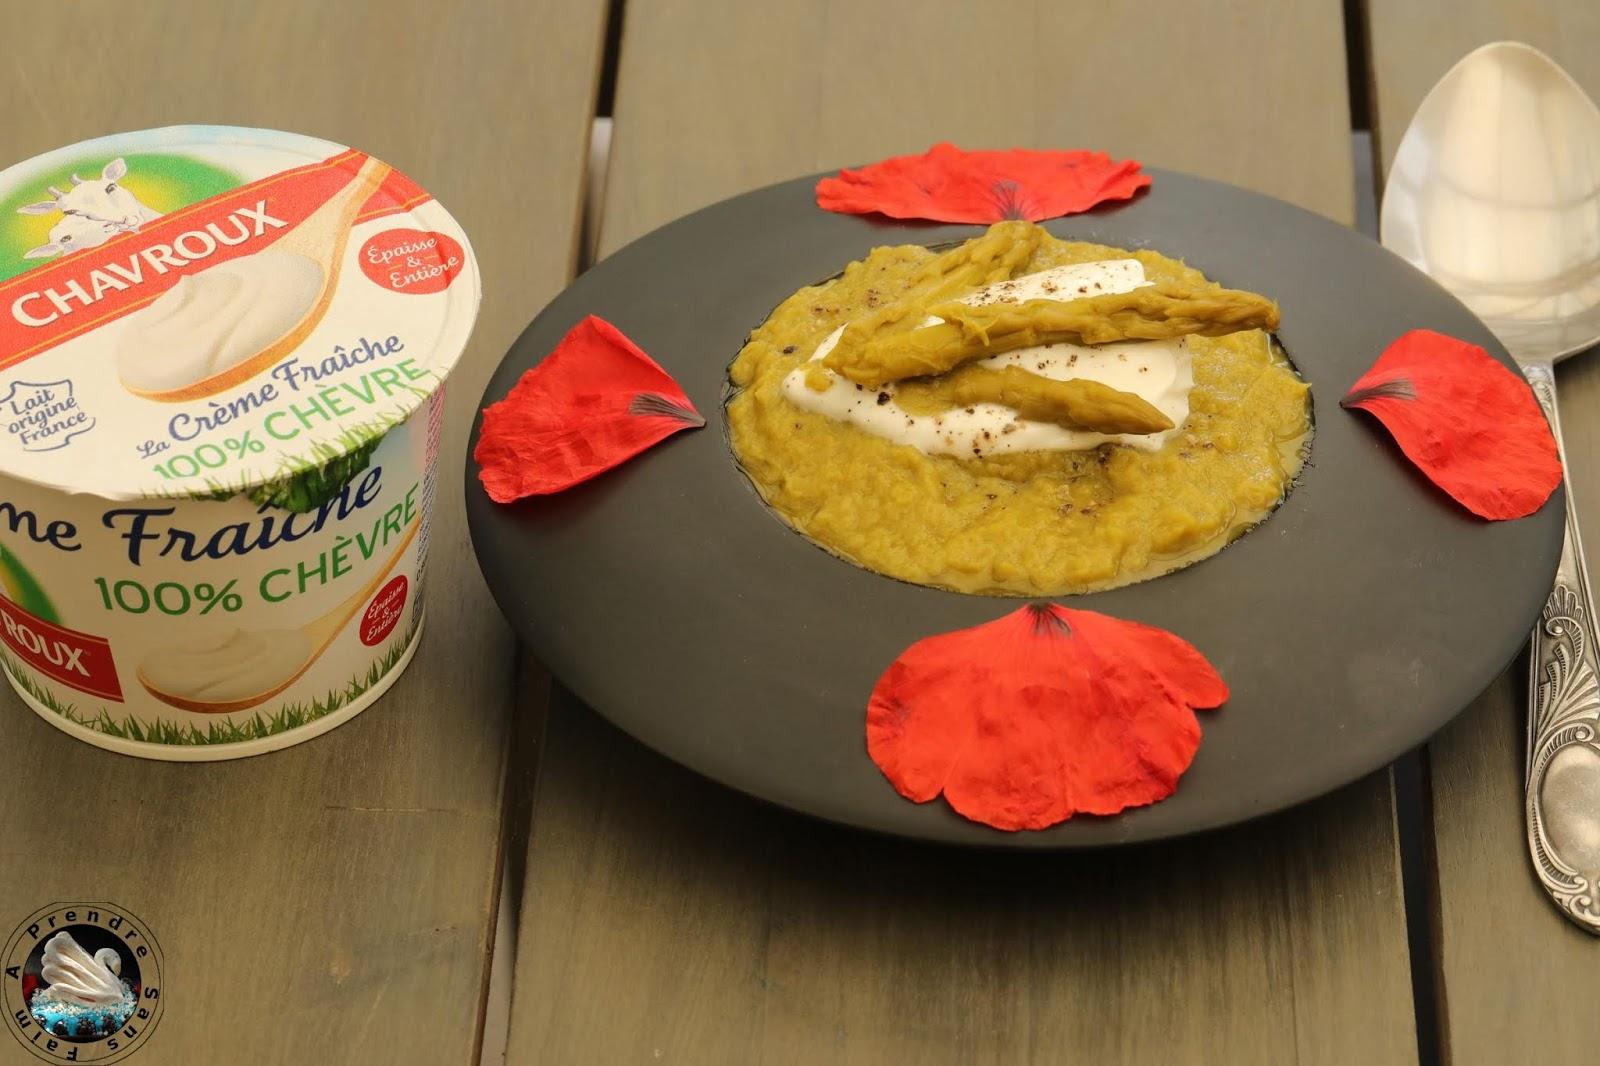 Gaspacho asperges courgettes à la crème Chavroux